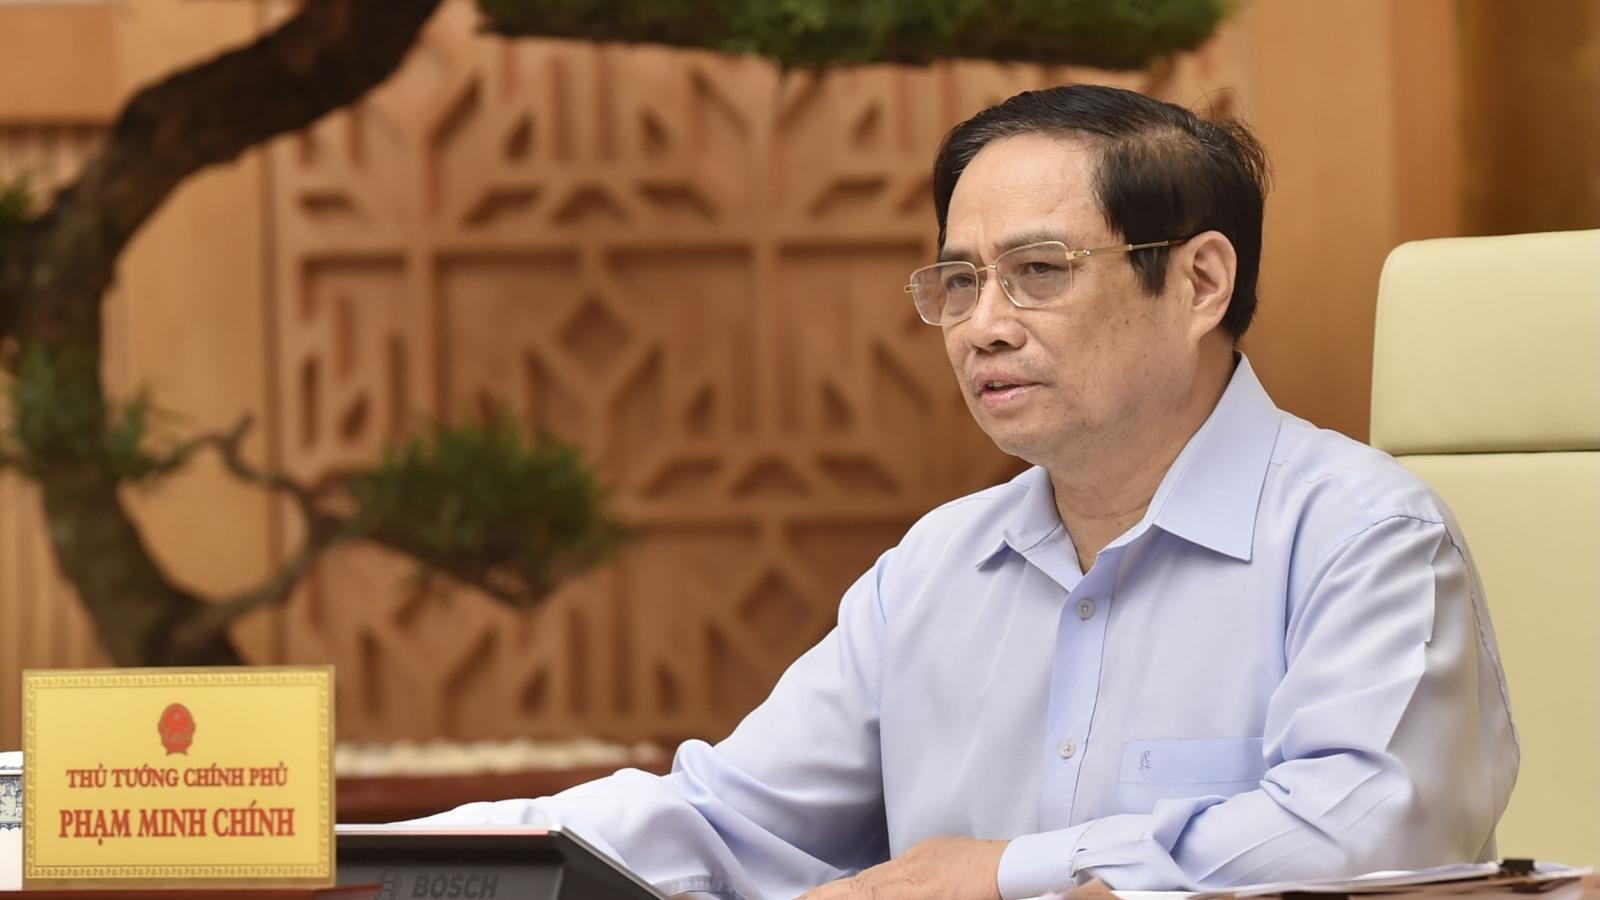 Thủ tướng đưa ra 5 đề xuất tại Hội nghị Thượng đỉnh Thương mại dịch vụ toàn cầu 2021